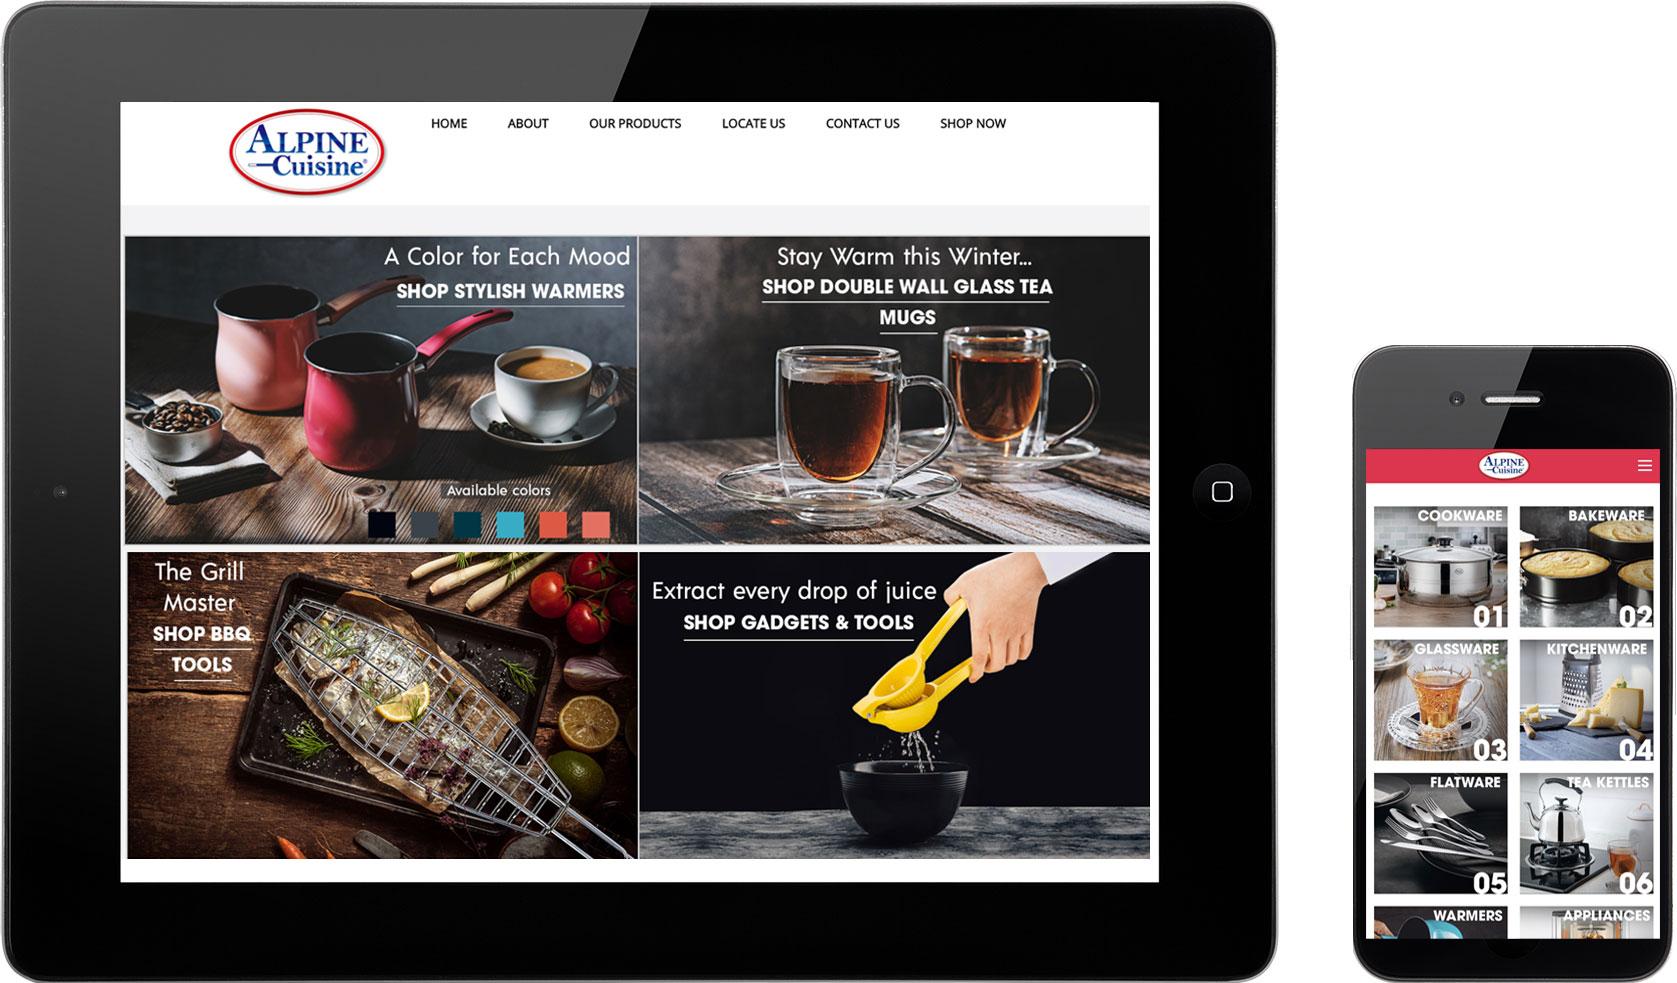 Alpine-Cuisine-Website